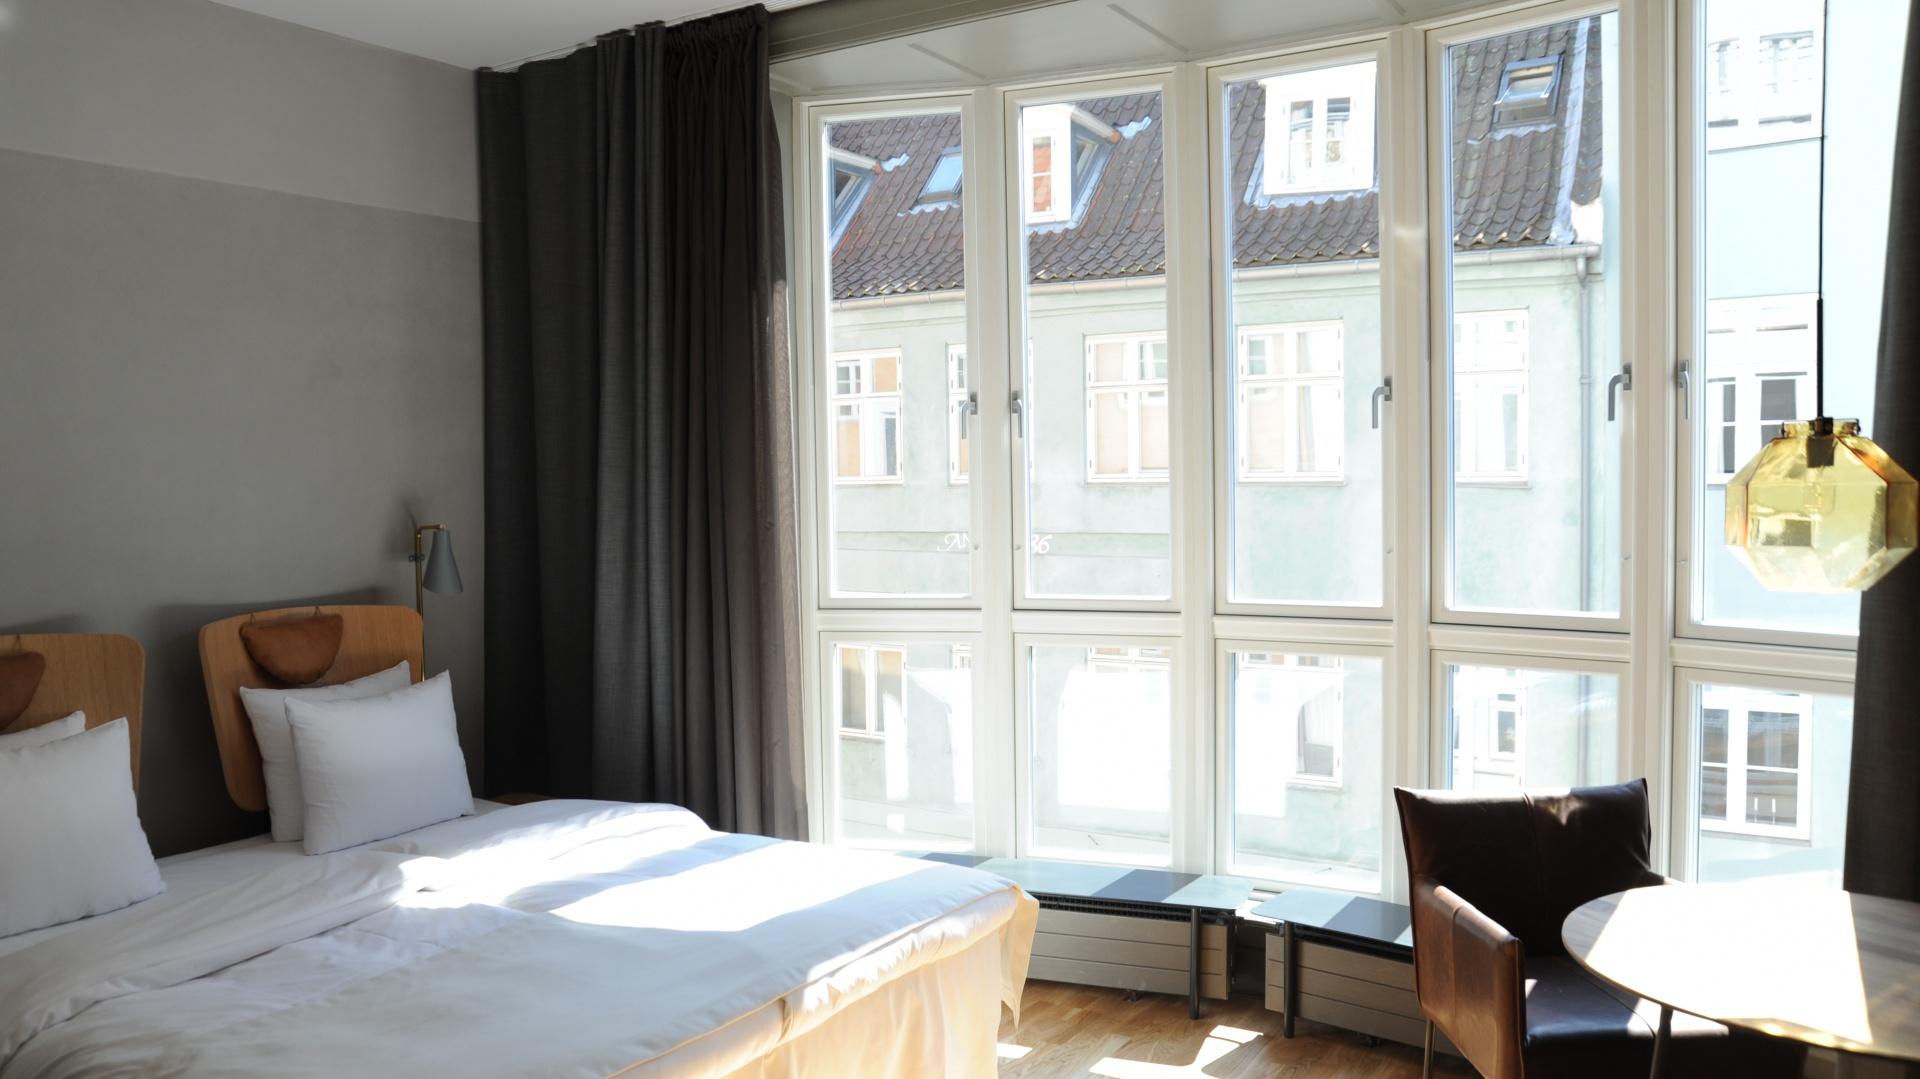 Ciężkie zasłony w oknach kontrastują z oszczędną aranżacją wnętrza. Fot. Brochner Hotels.